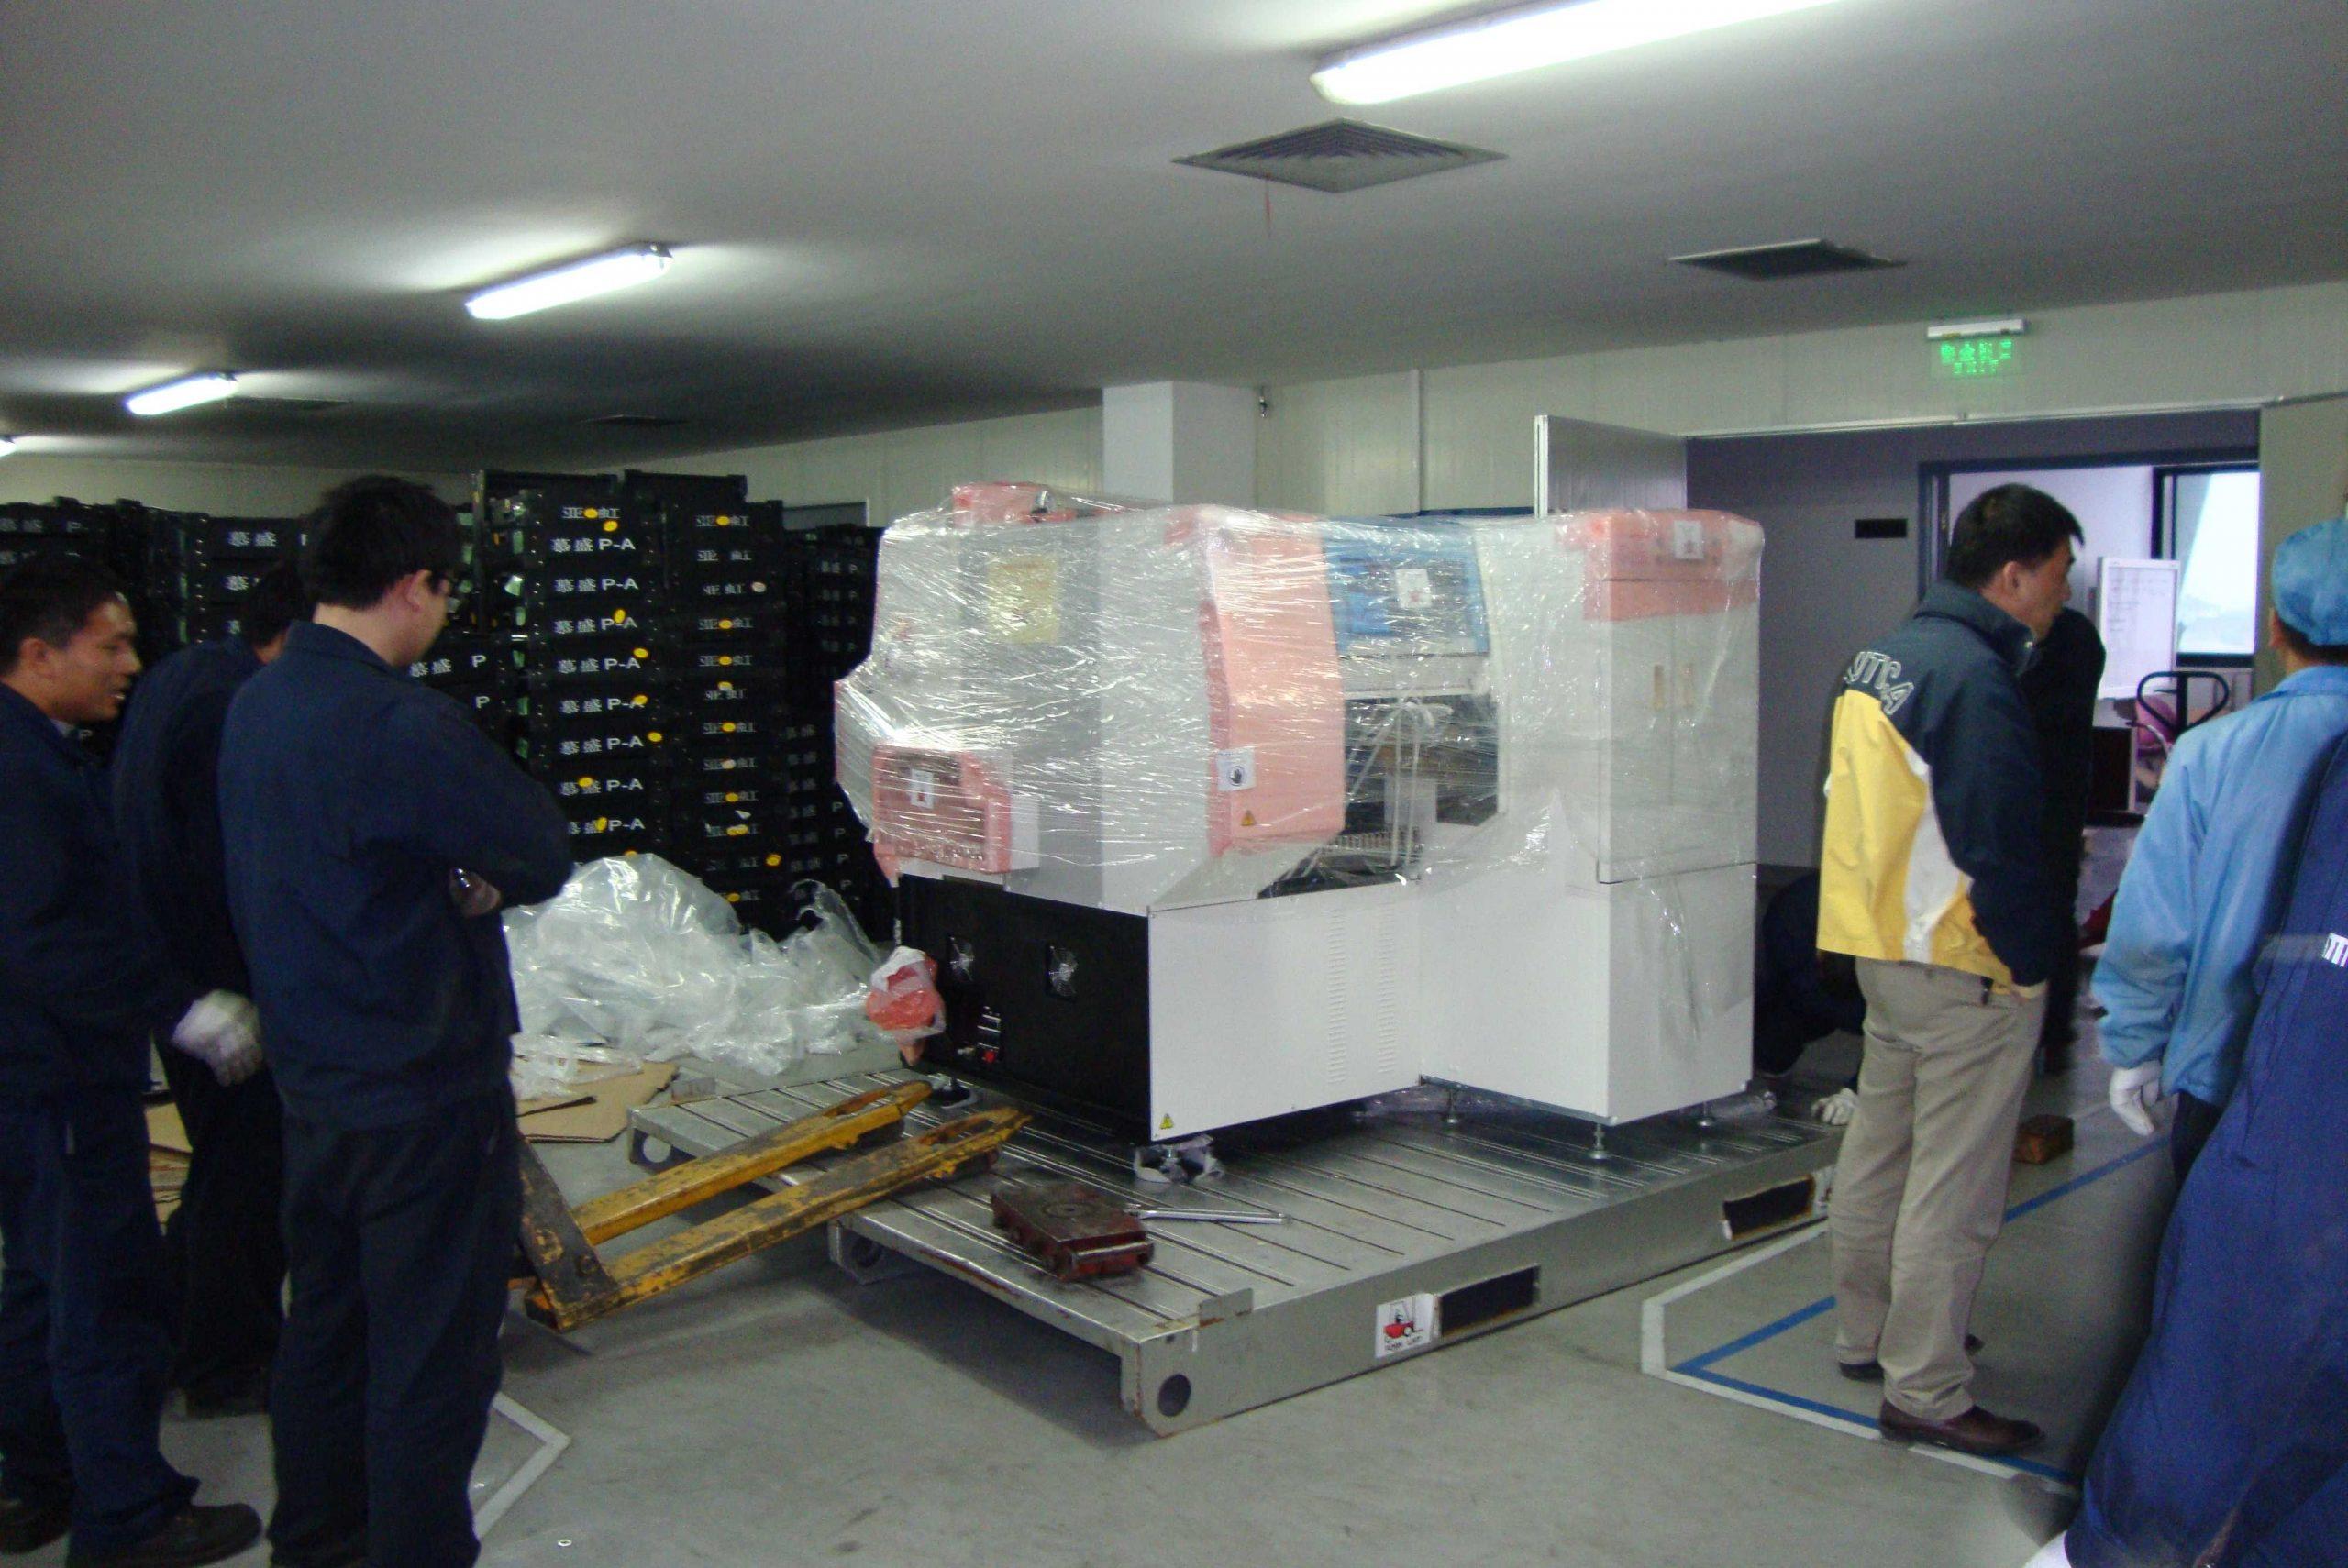 苏州设备搬运|设备吊装|苏州搭建搬运|设备移位-苏州力安吊装搬运有限公司、设备吊装、搬运、装卸、工厂搬迁